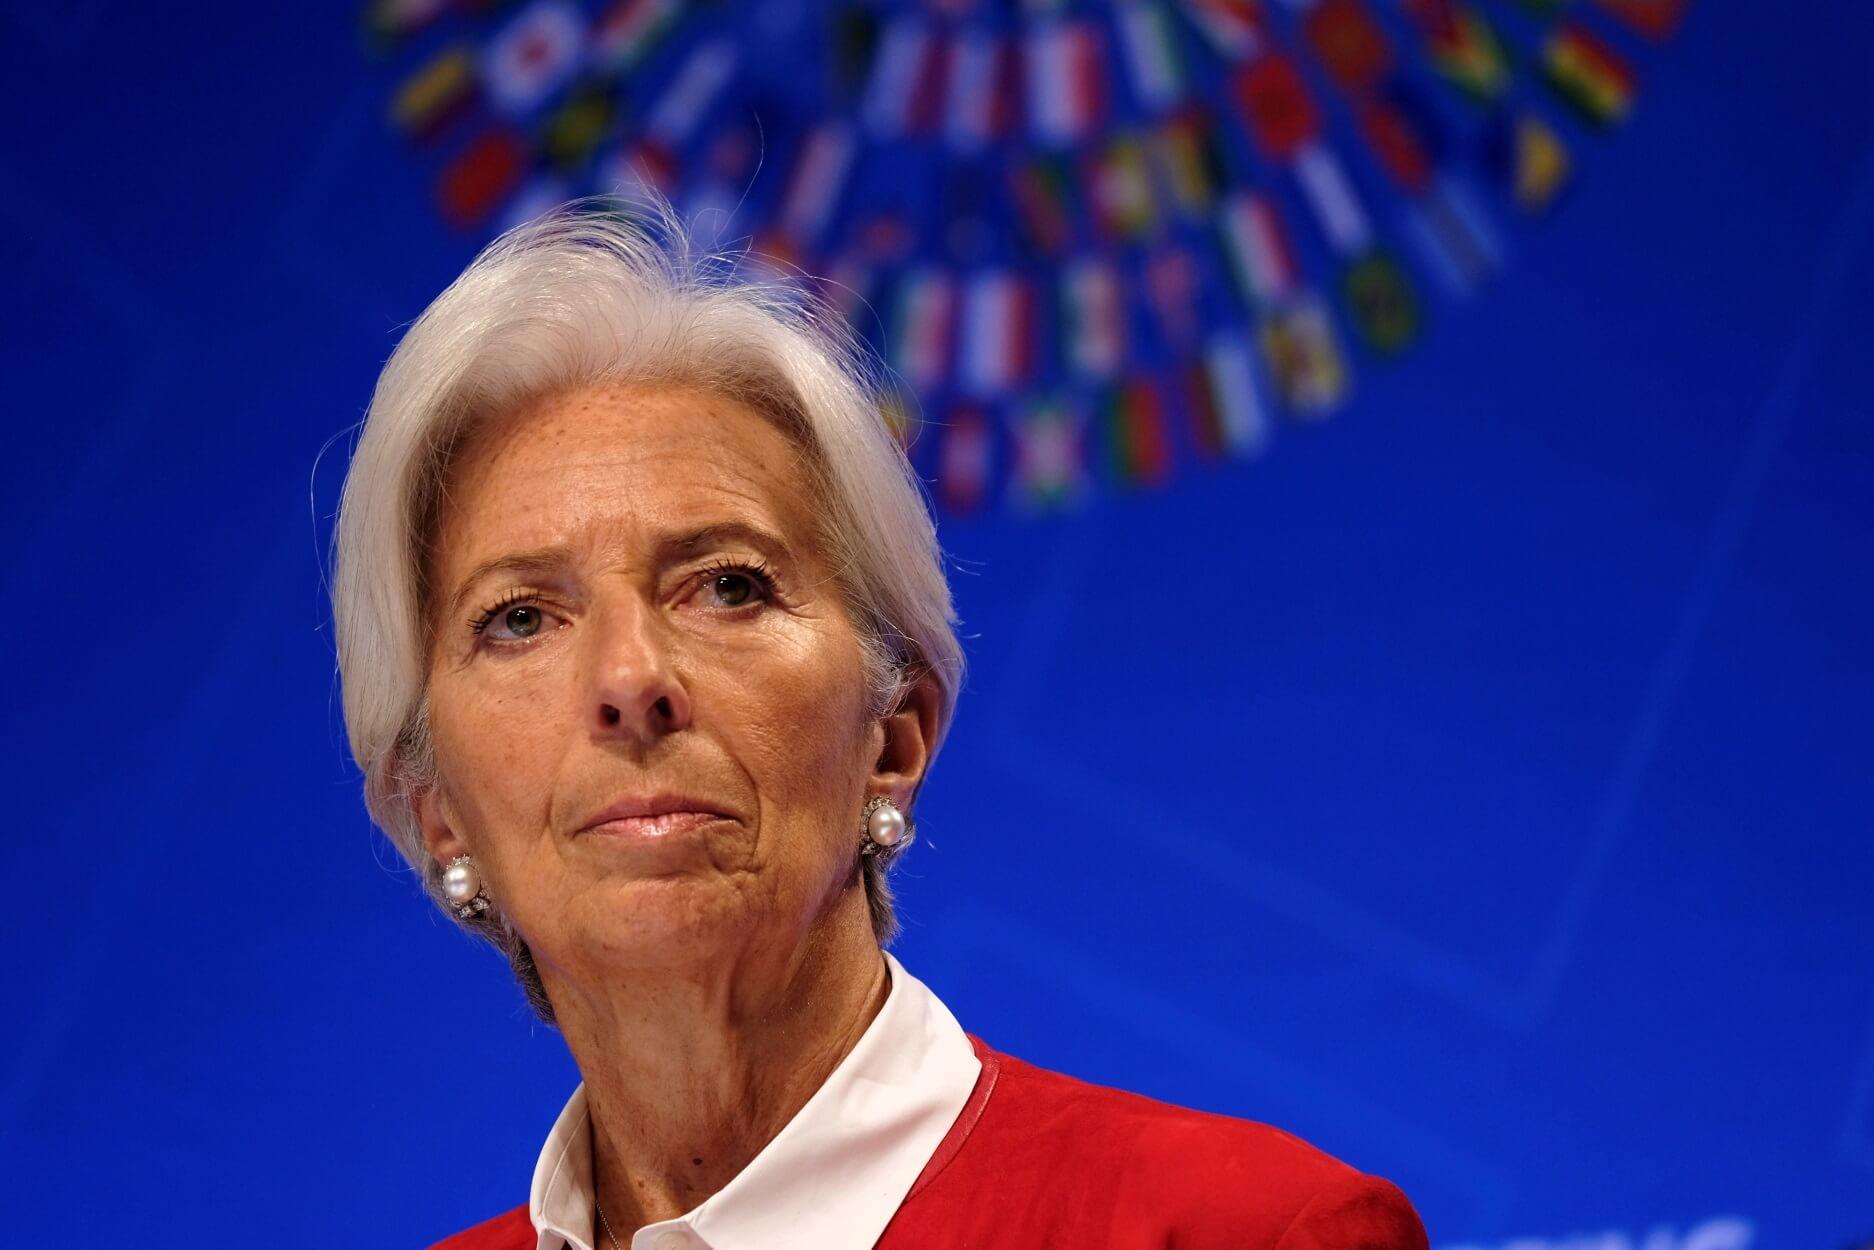 Reuters: Θα παραμείνει το ΔΝΤ ως παρατηρητής του μεταμνημονιακού προγράμματος της Ελλάδας!